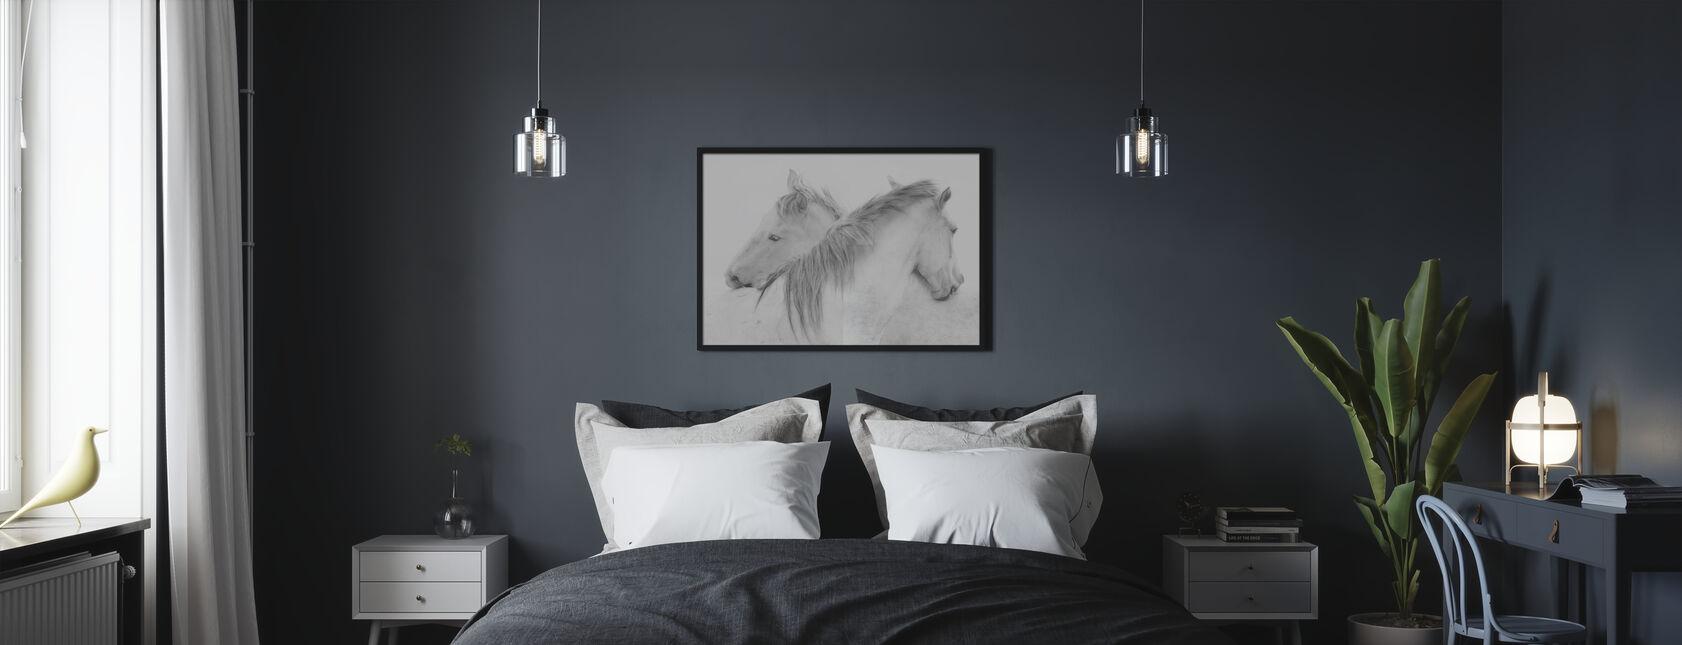 Heste - Plakat - Soveværelse